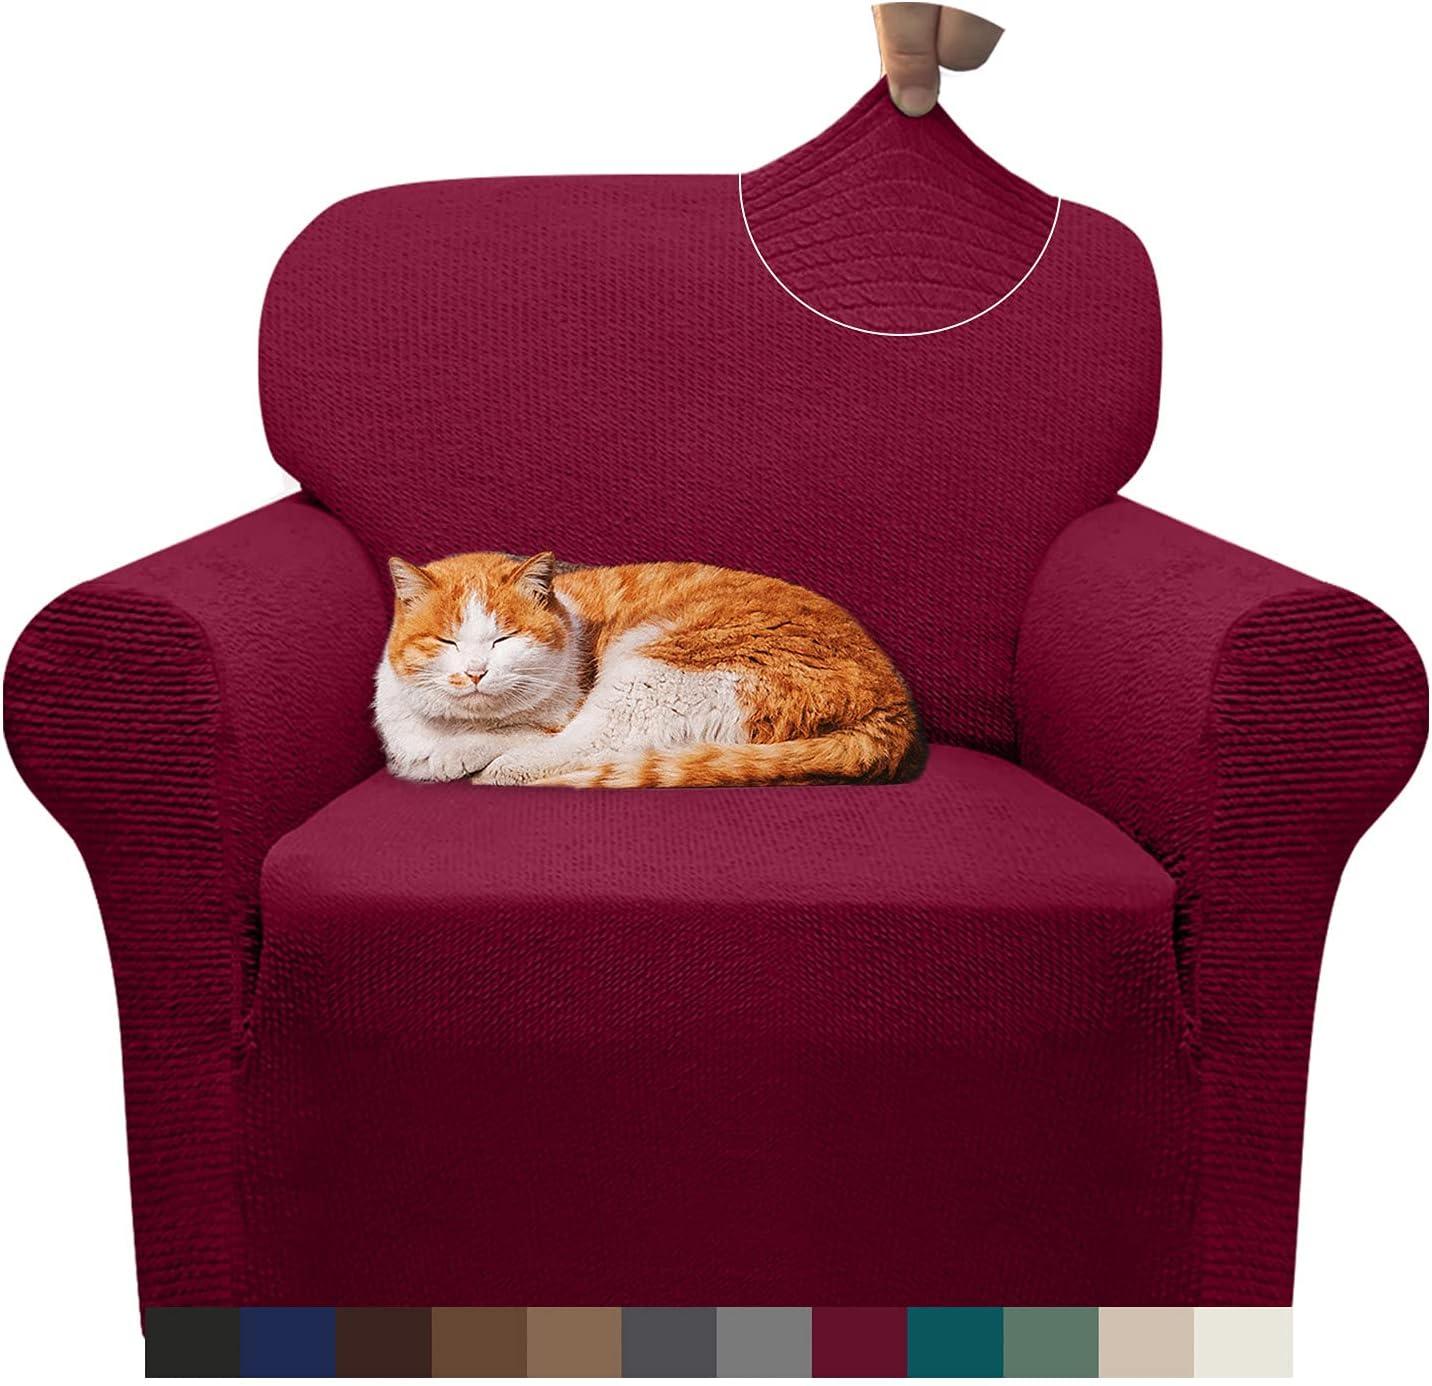 ブランド激安セール会場 デポー Pepibear Super Stretch 1 Piece Cover Spandex Sofa Chair Stylish